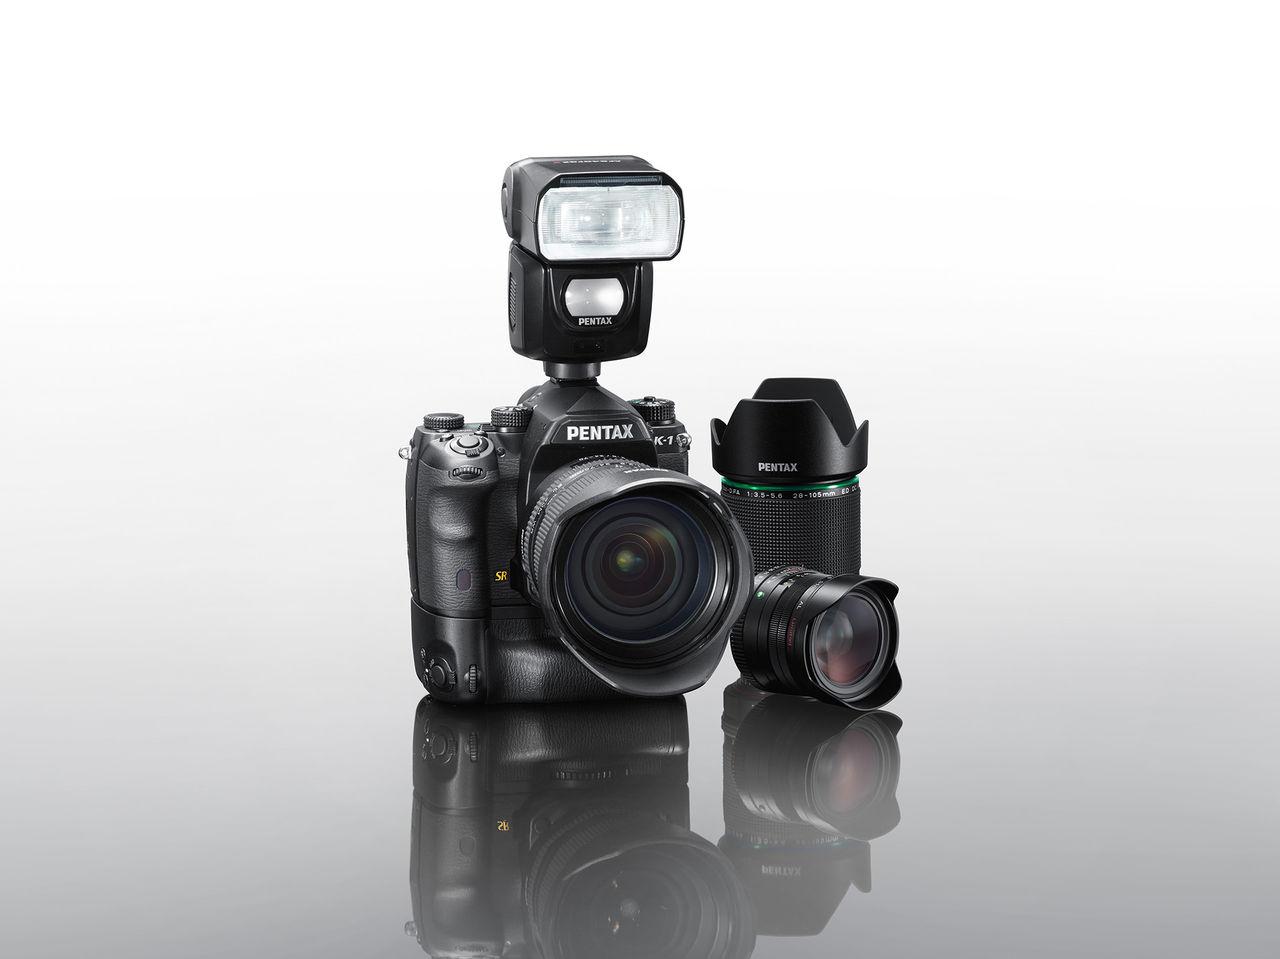 Ricoh presenterar sin fullformatskamera Pentax K-1